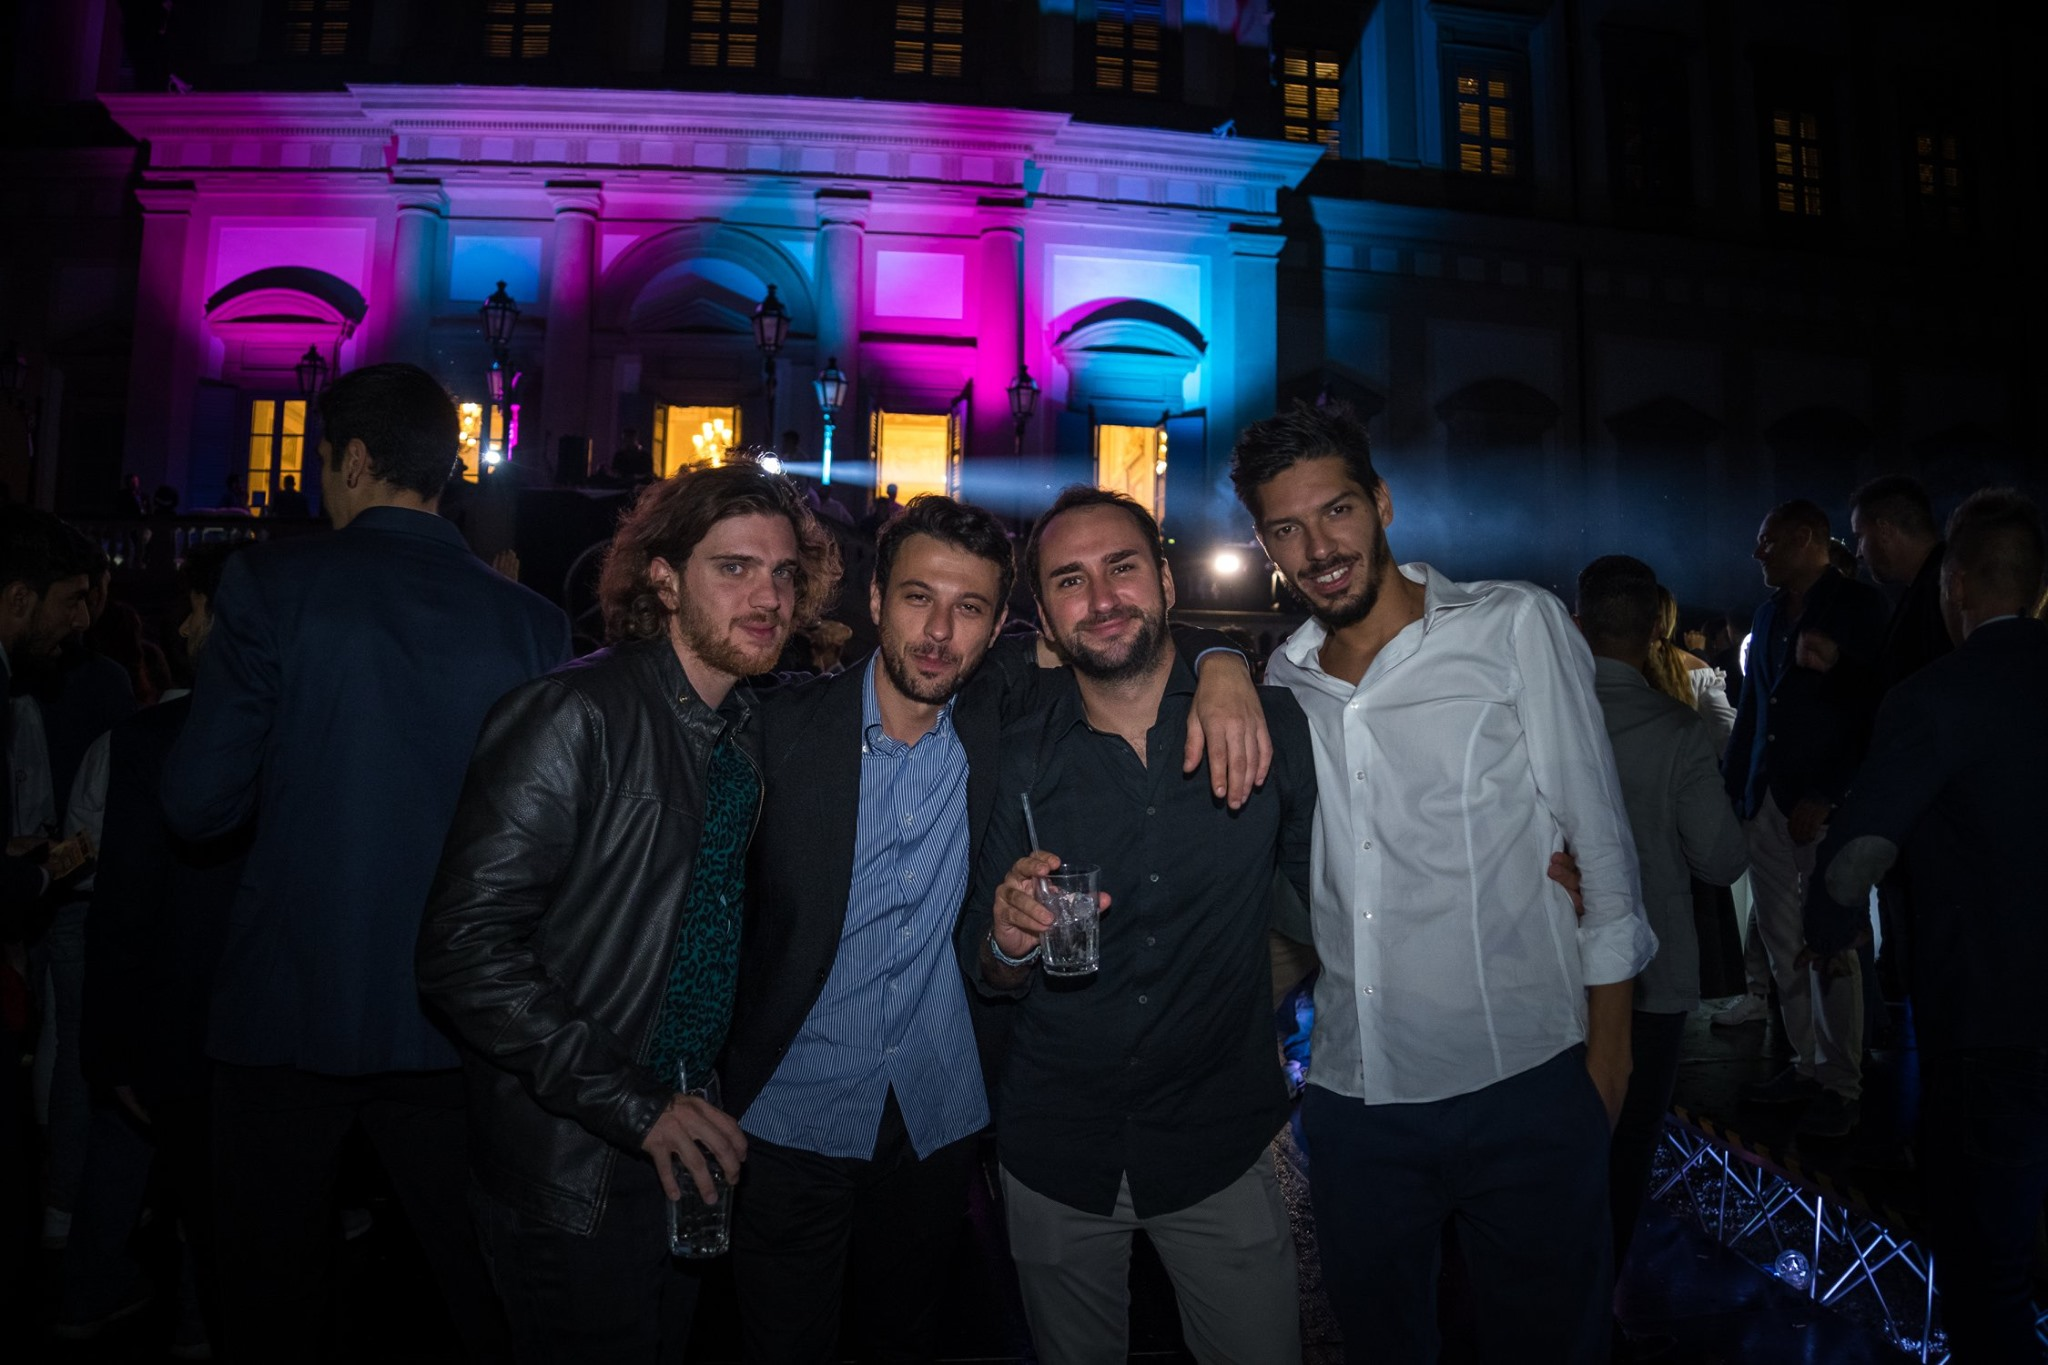 Villa Reale di Monza | Formula 1 GP Party YOUparti